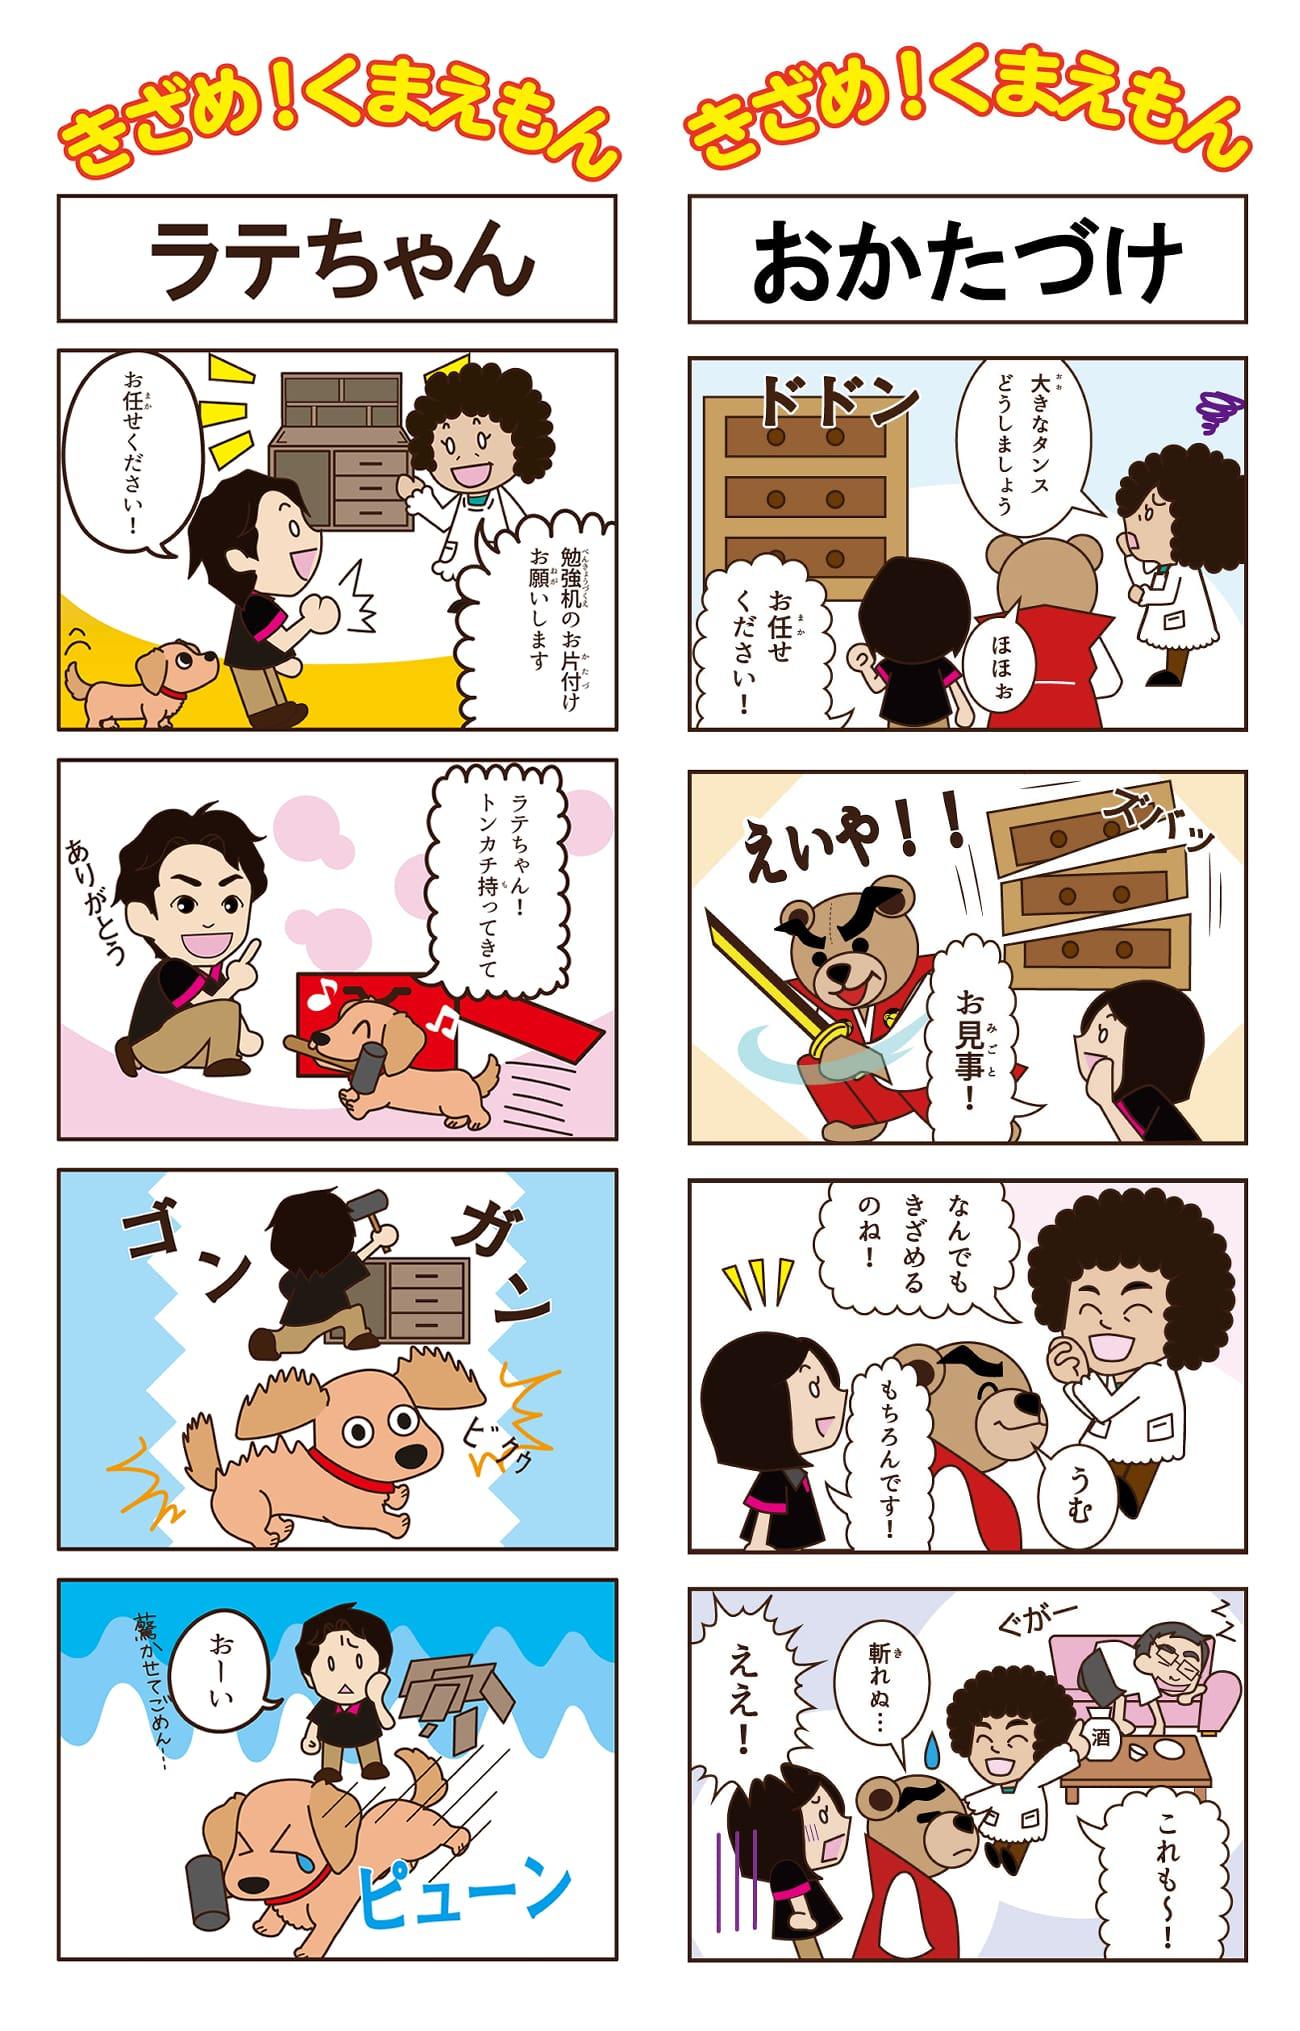 きざみ屋本舗4コマ漫画『きざめ!くまえもん』掲載サンプル1